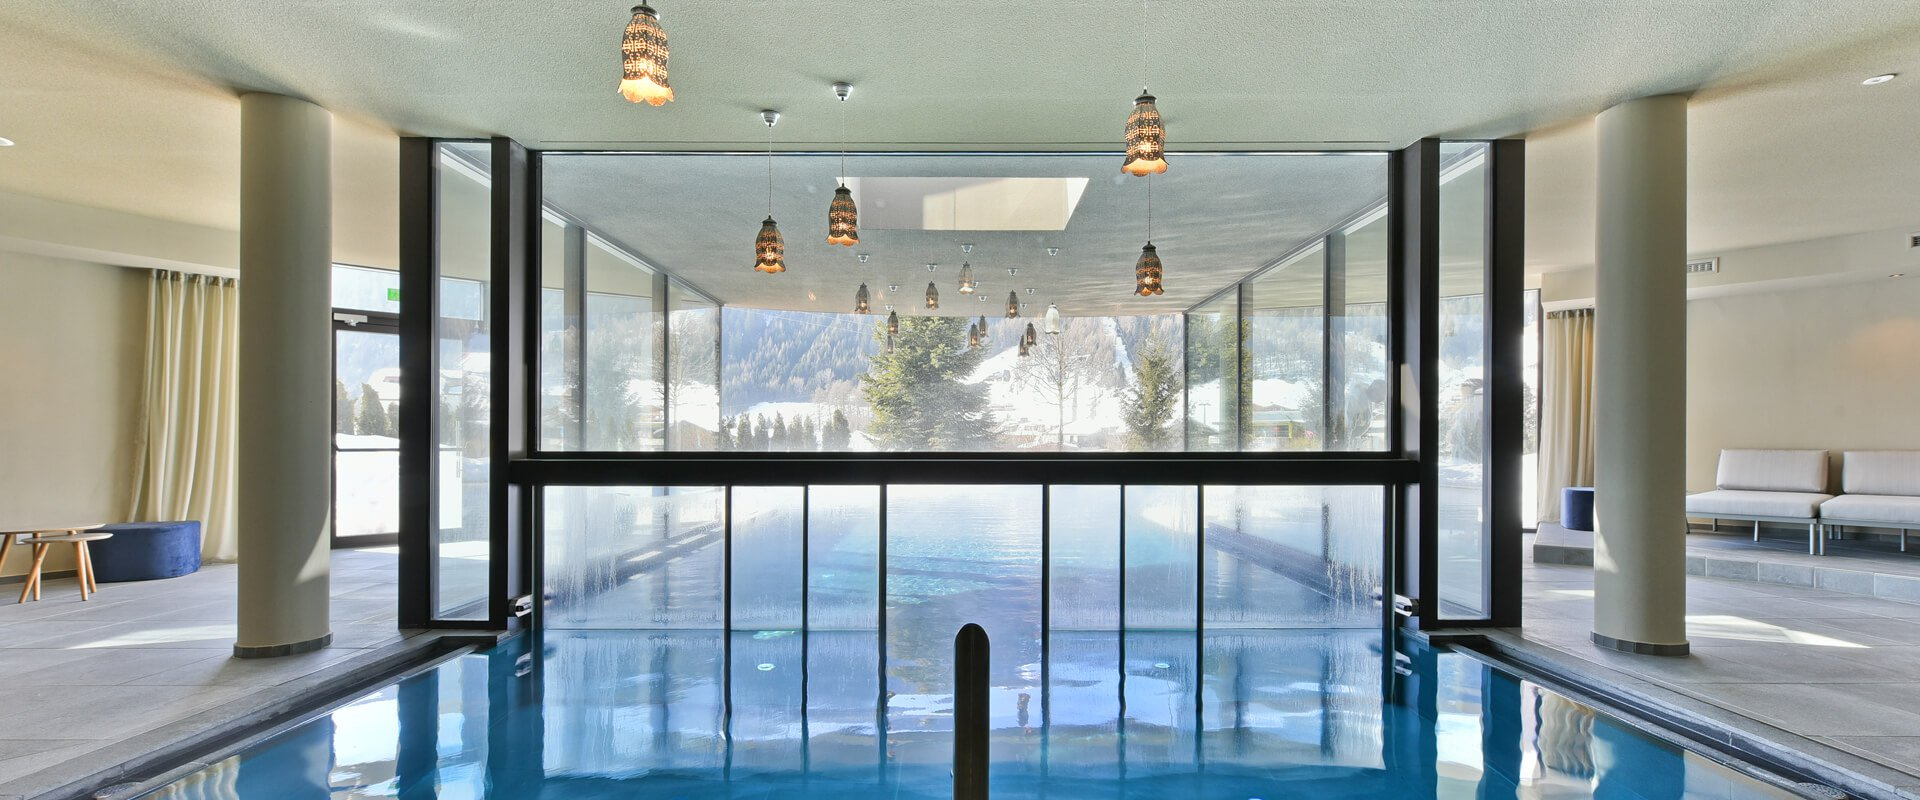 schwimmbad verglasungen